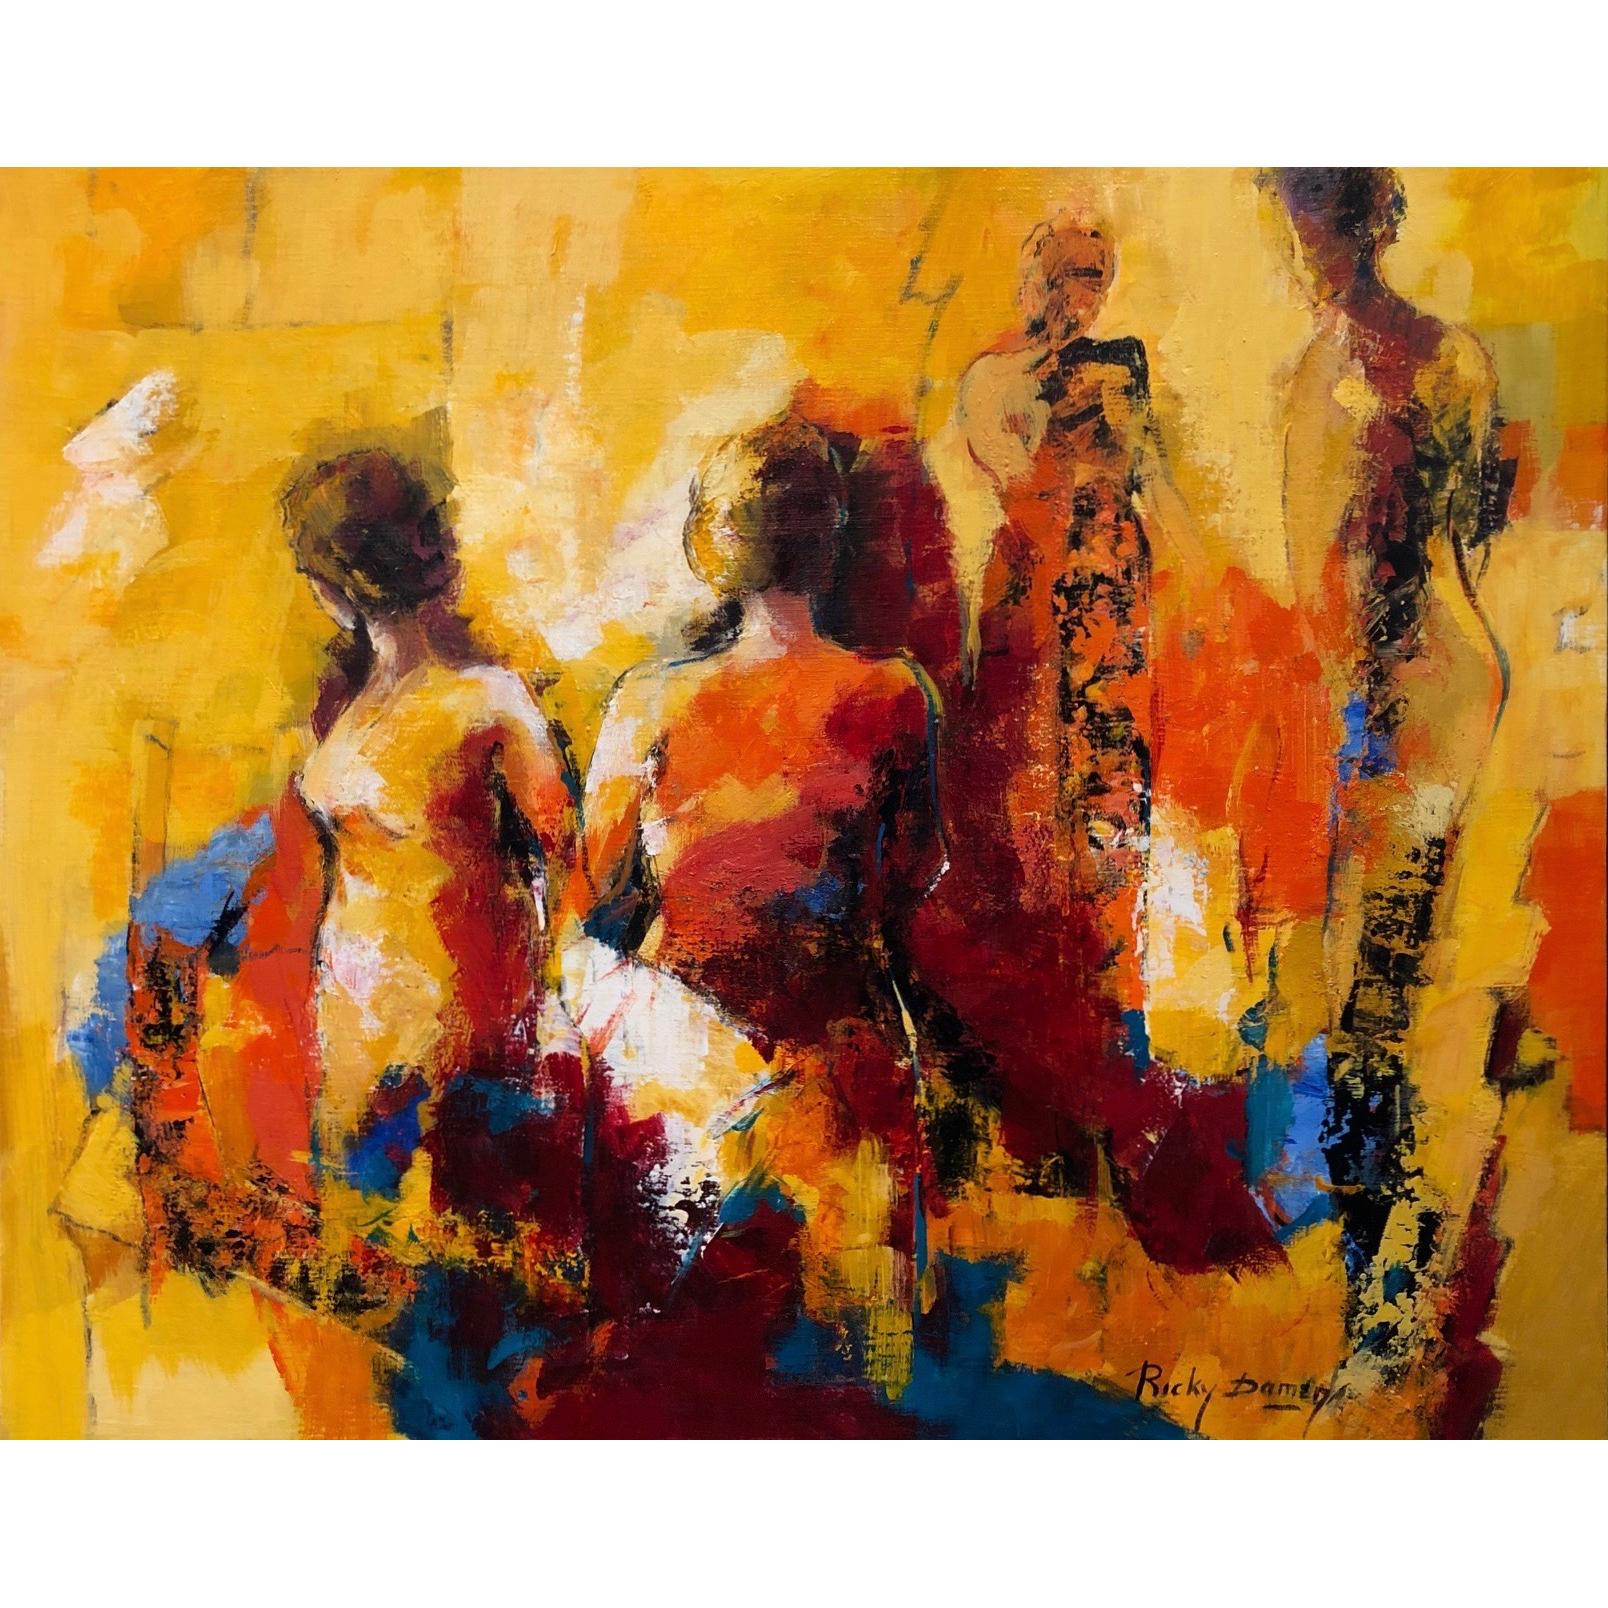 Ricky Damen schilderij 'De Danszaal'